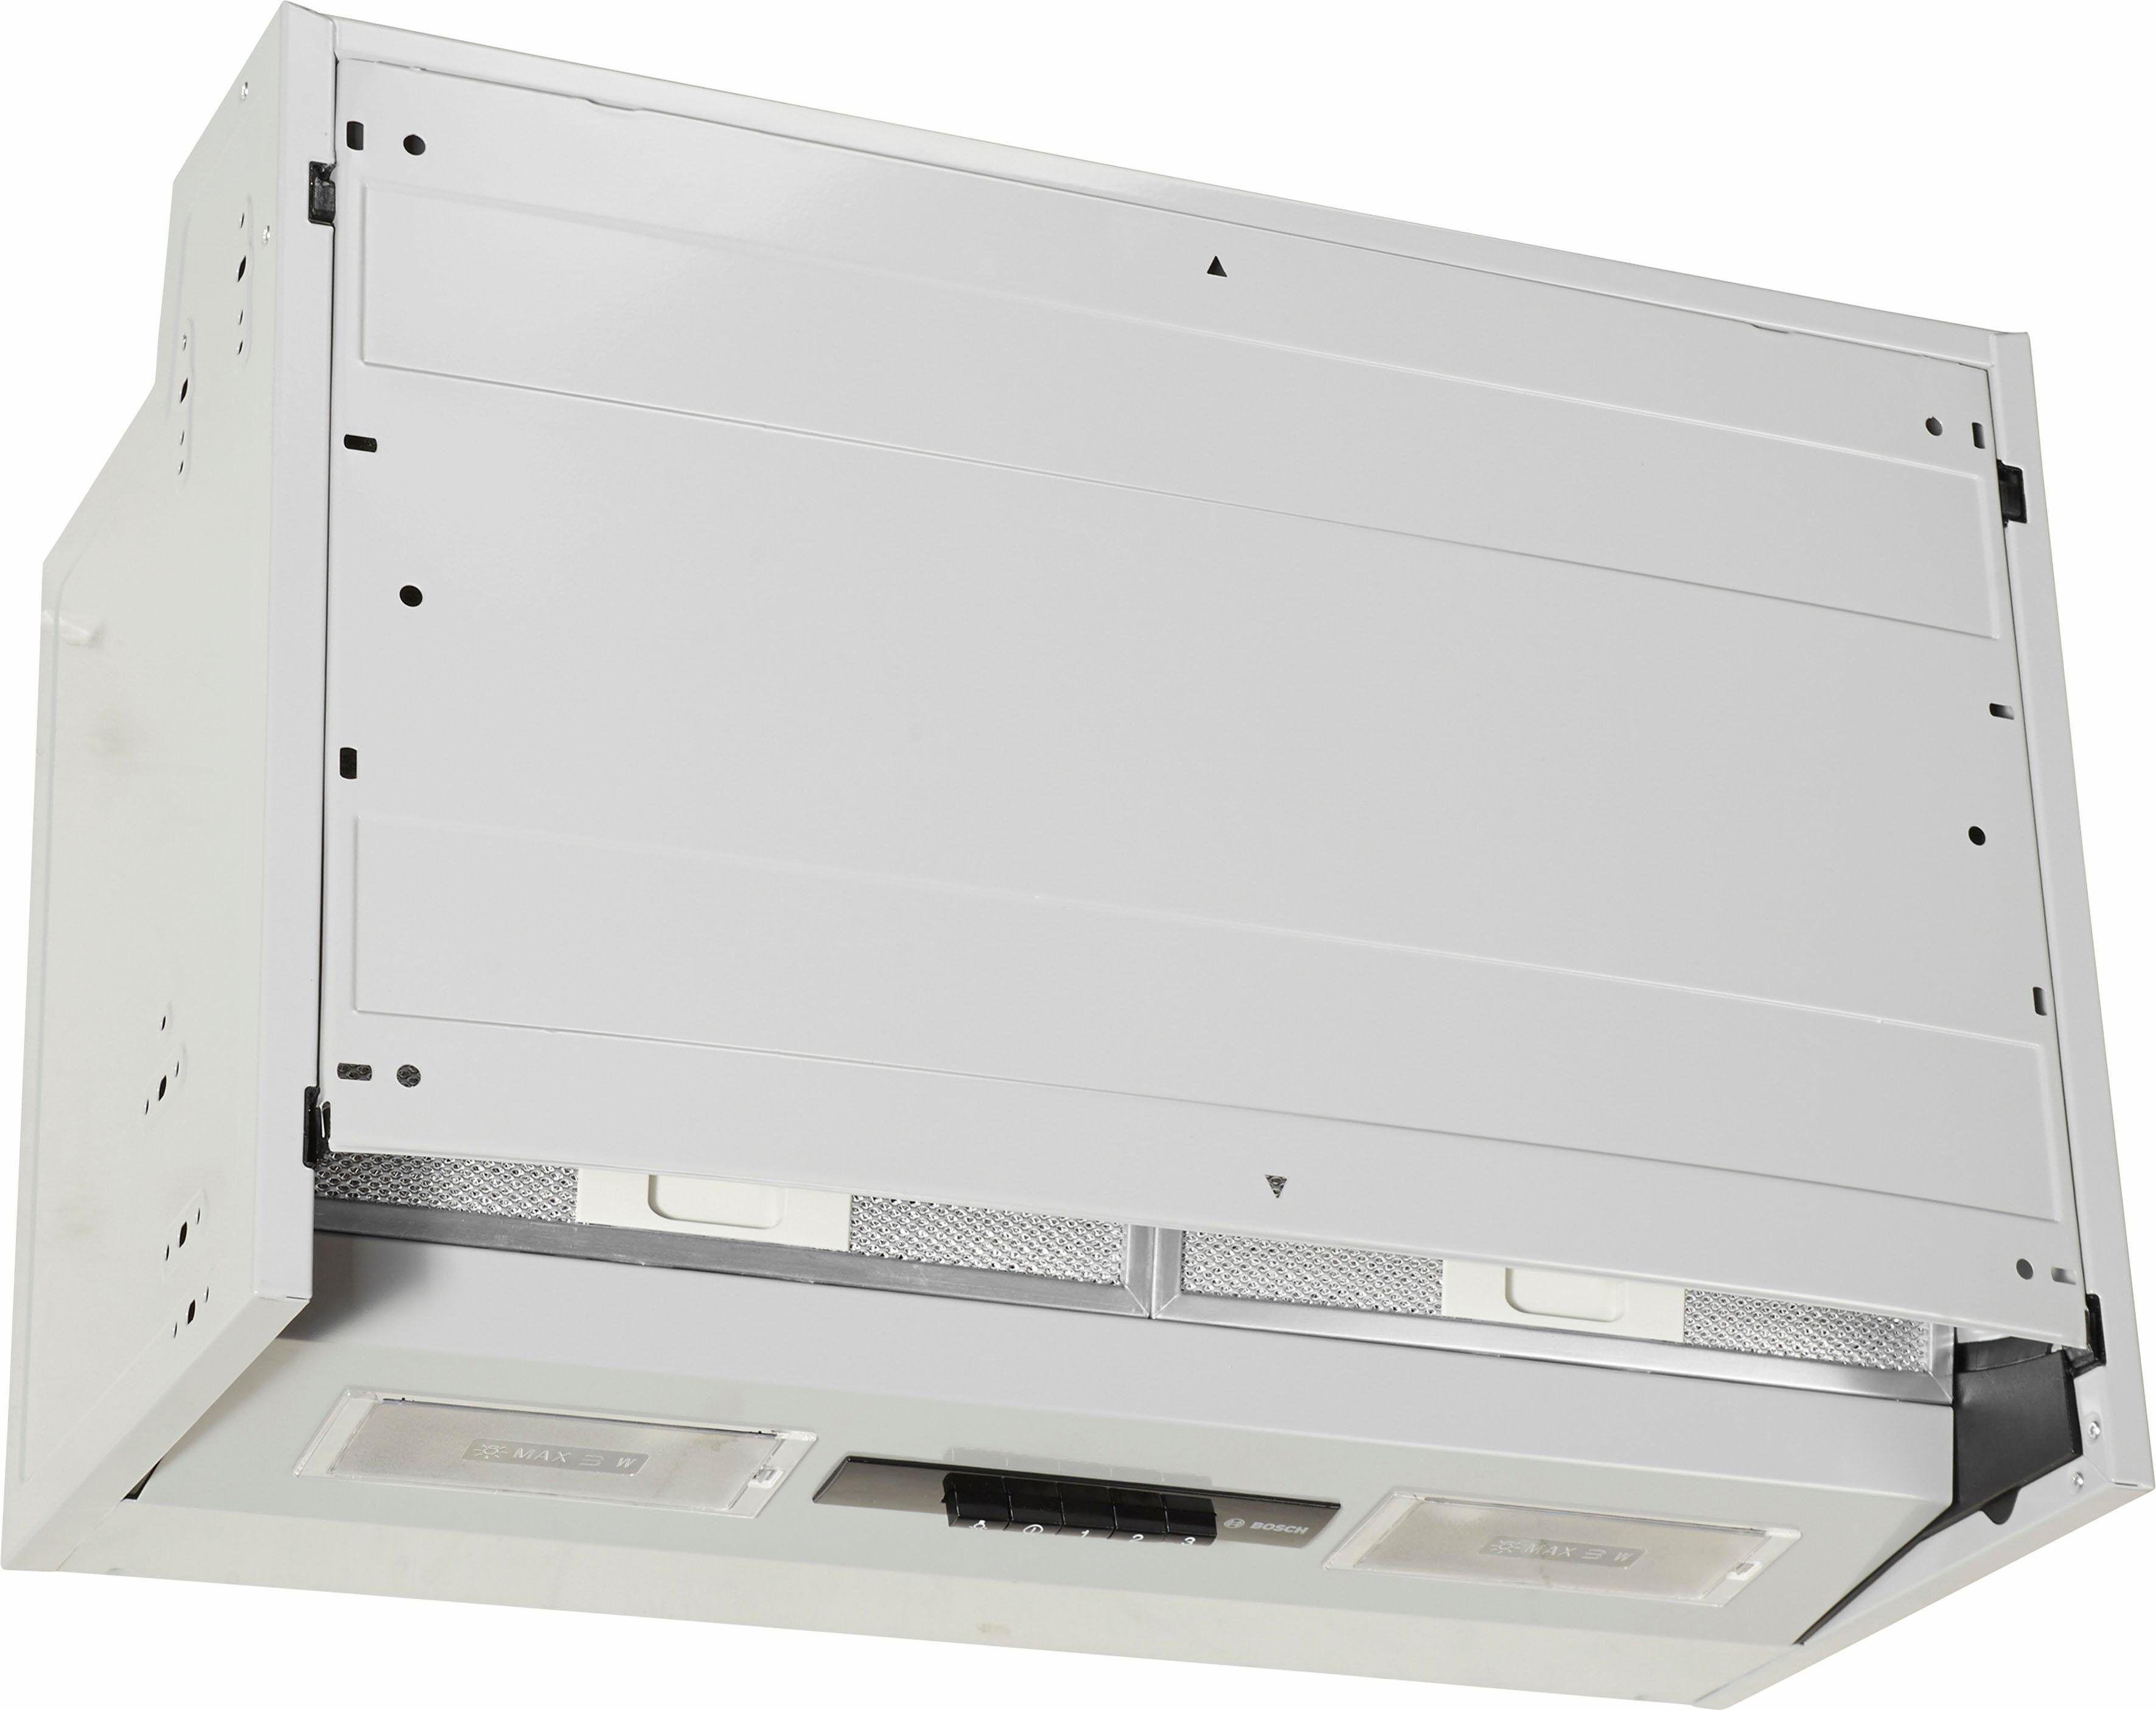 Bosch Zwischenbauhaube DEM66AC00, Energieeffizienzklasse B